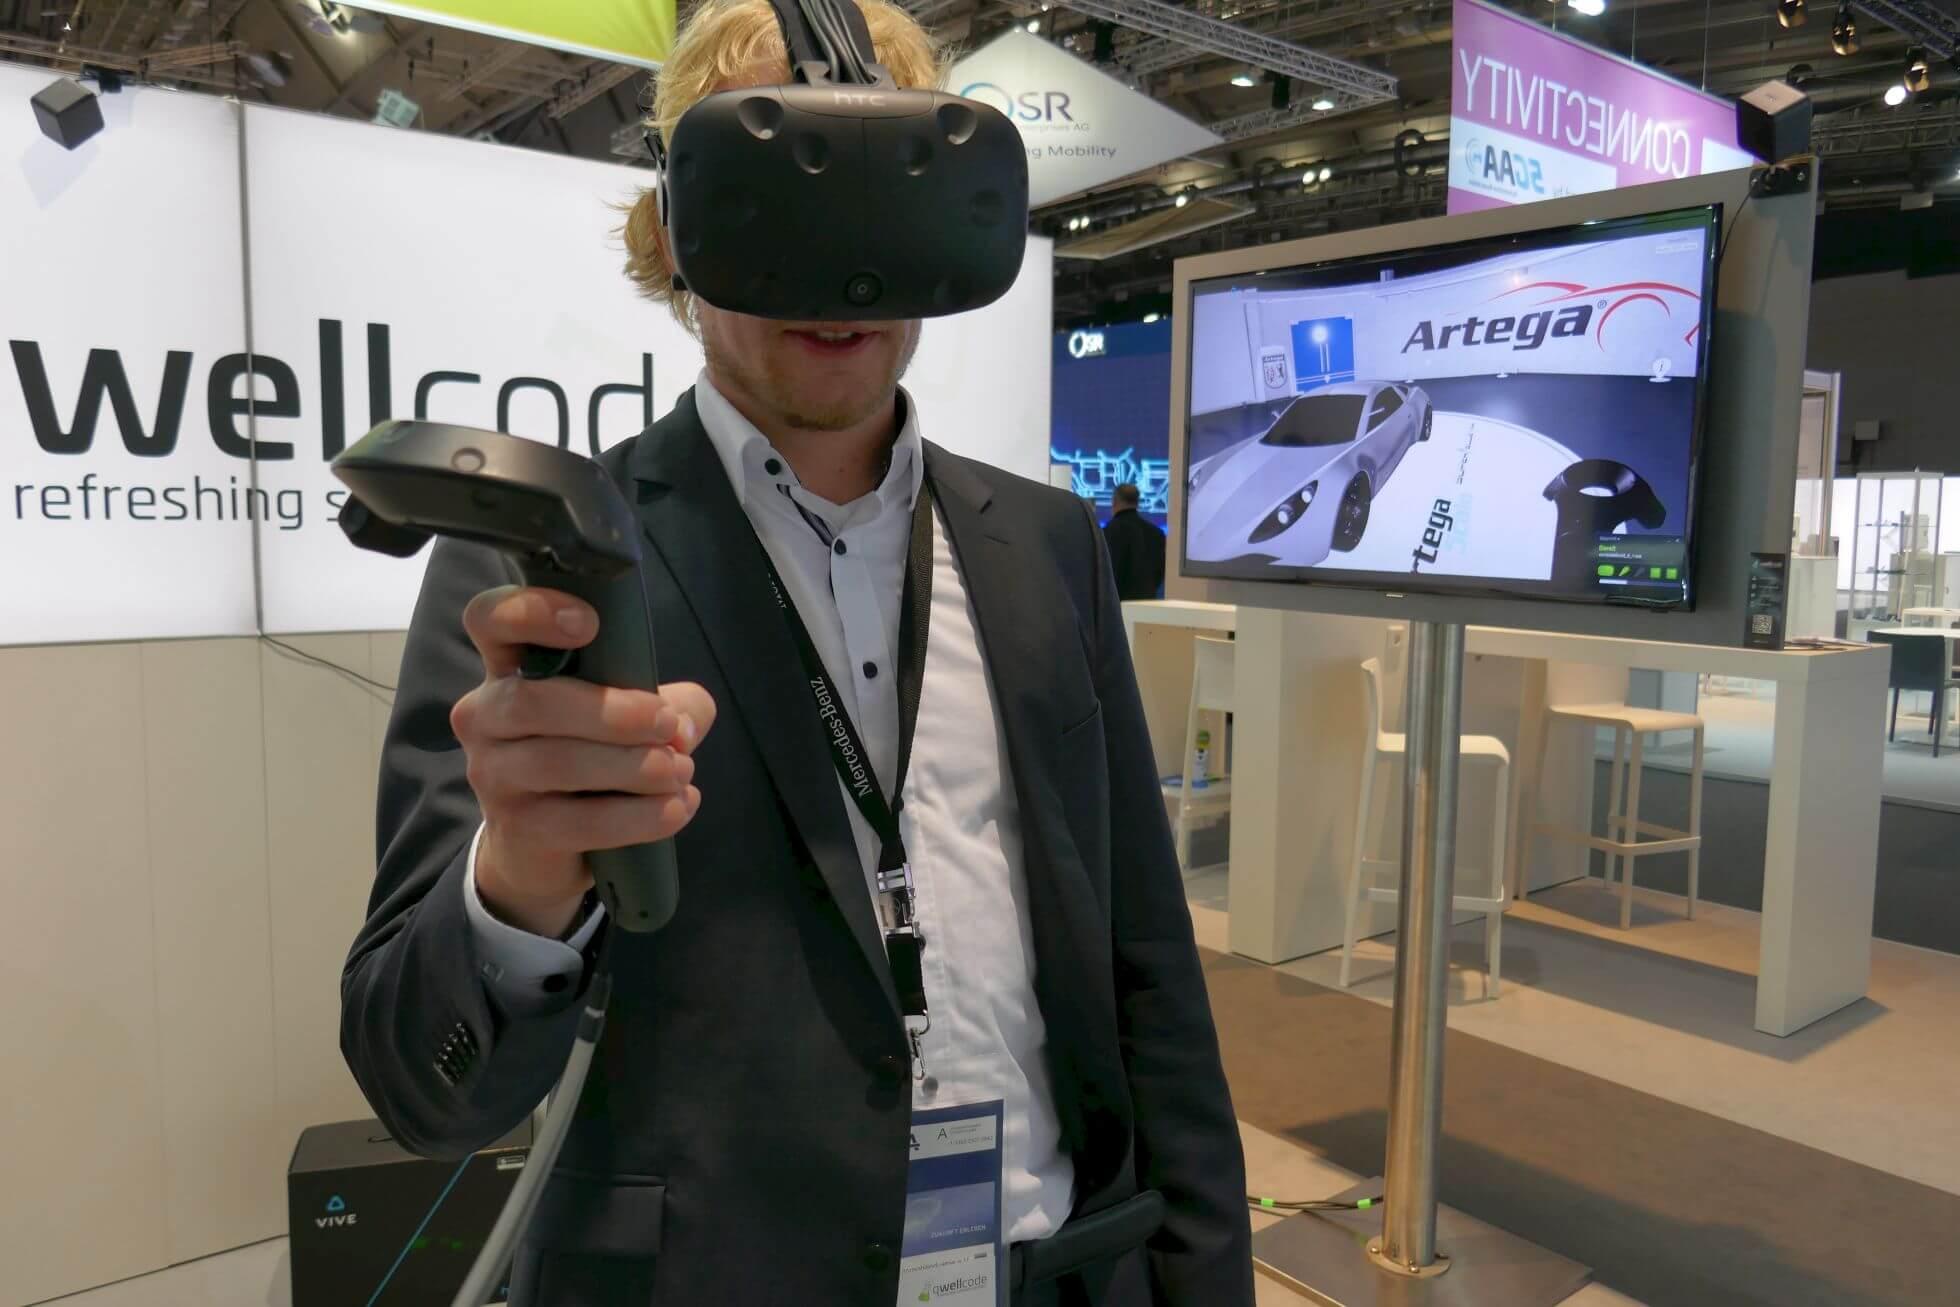 Die Entwicker von VR-Anwendungen qwellcode haben auf die Schnelle das Superhypercar Artega Scalo Superelletra modelliert.